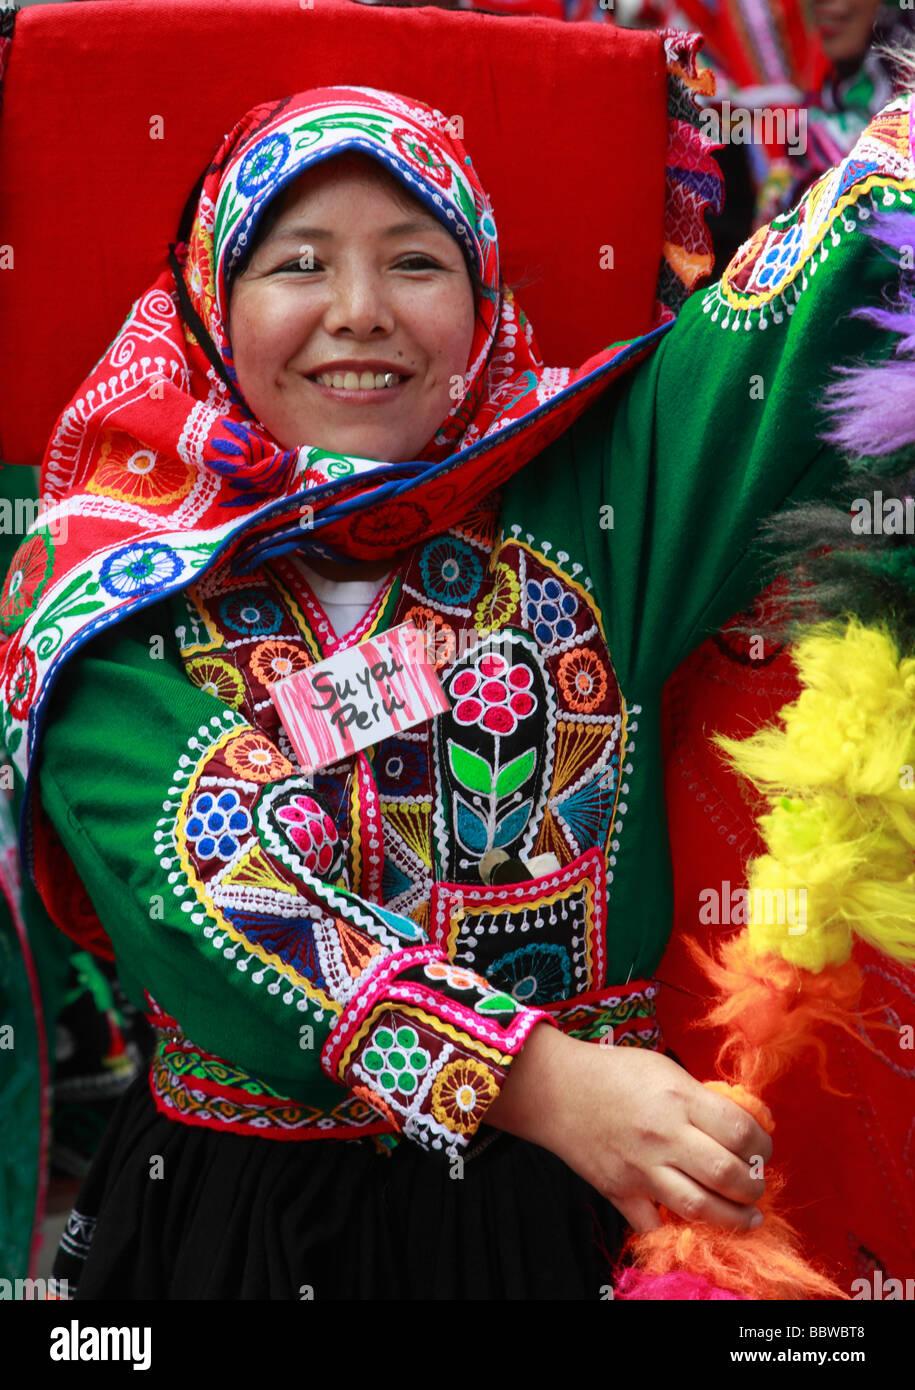 Carnaval de las Culturas de Berlín Alemania mujer peruana en traje tradicional Imagen De Stock